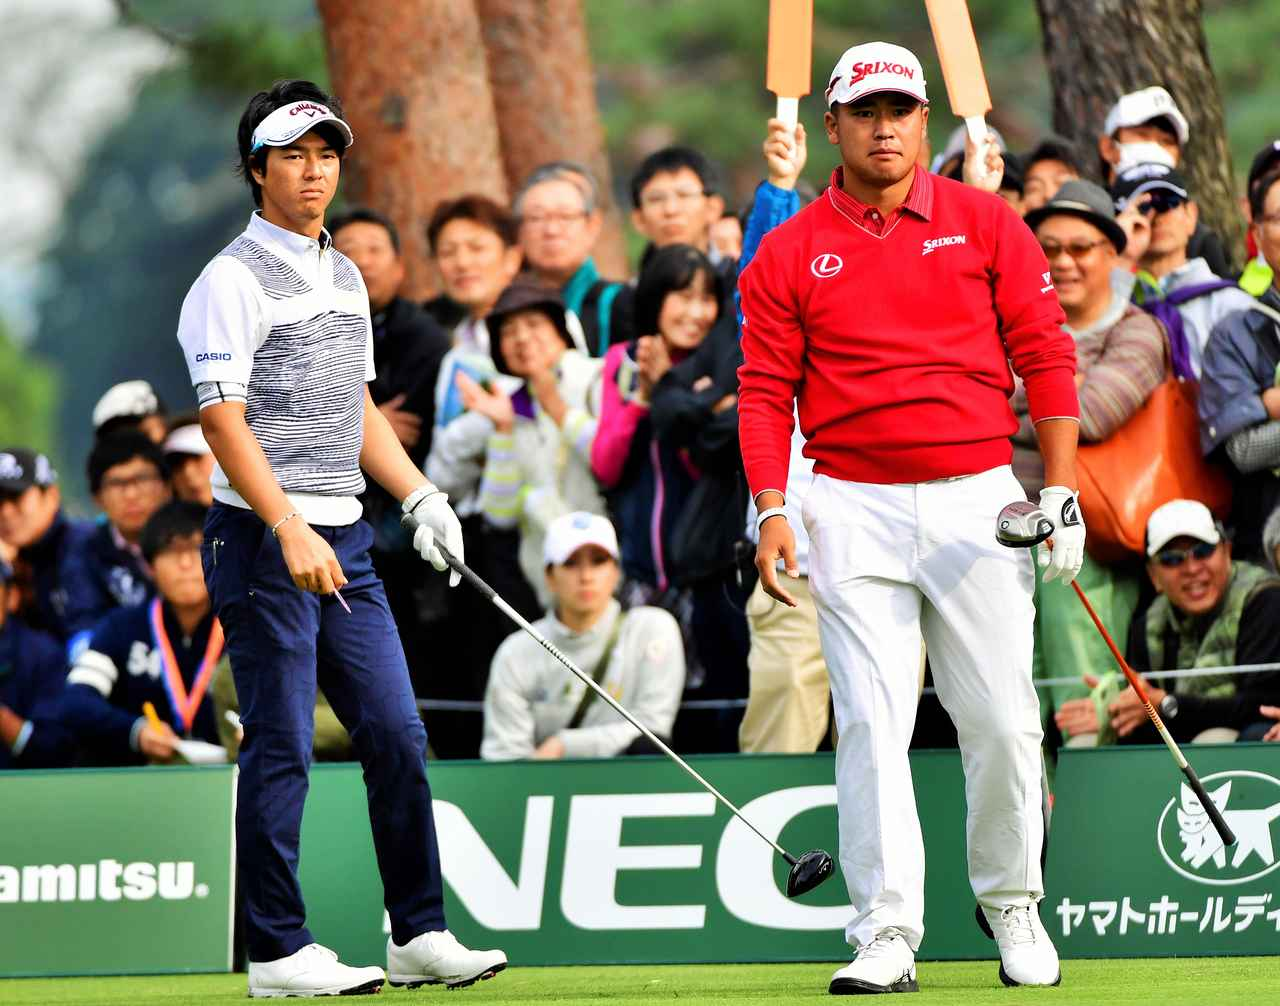 画像: 今月開催されるワールドカップで日本代表としてペアを組む松山・石川